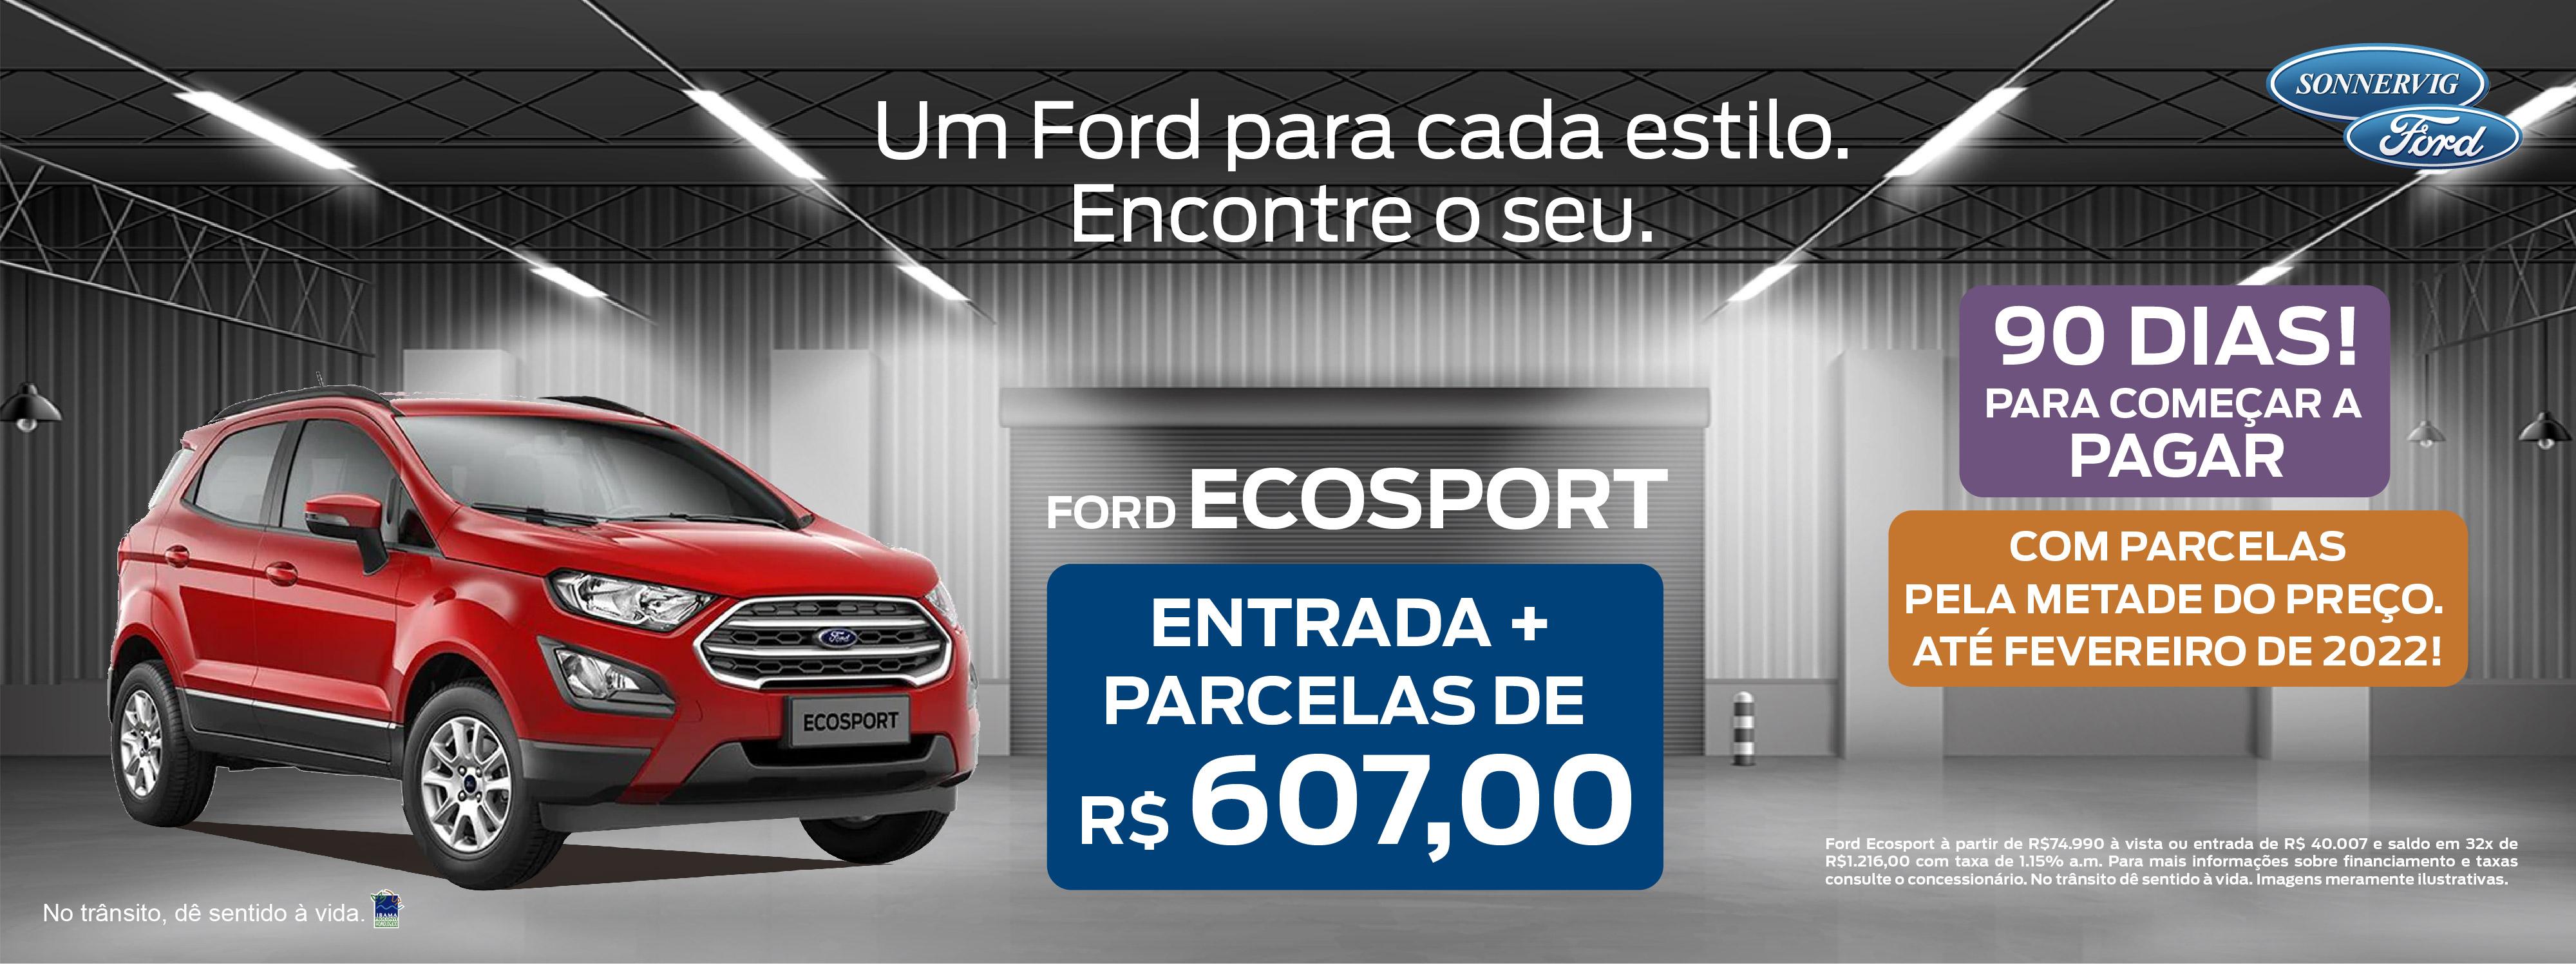 Sonnervig Ford Concessionaria Ford Em Sao Paulo